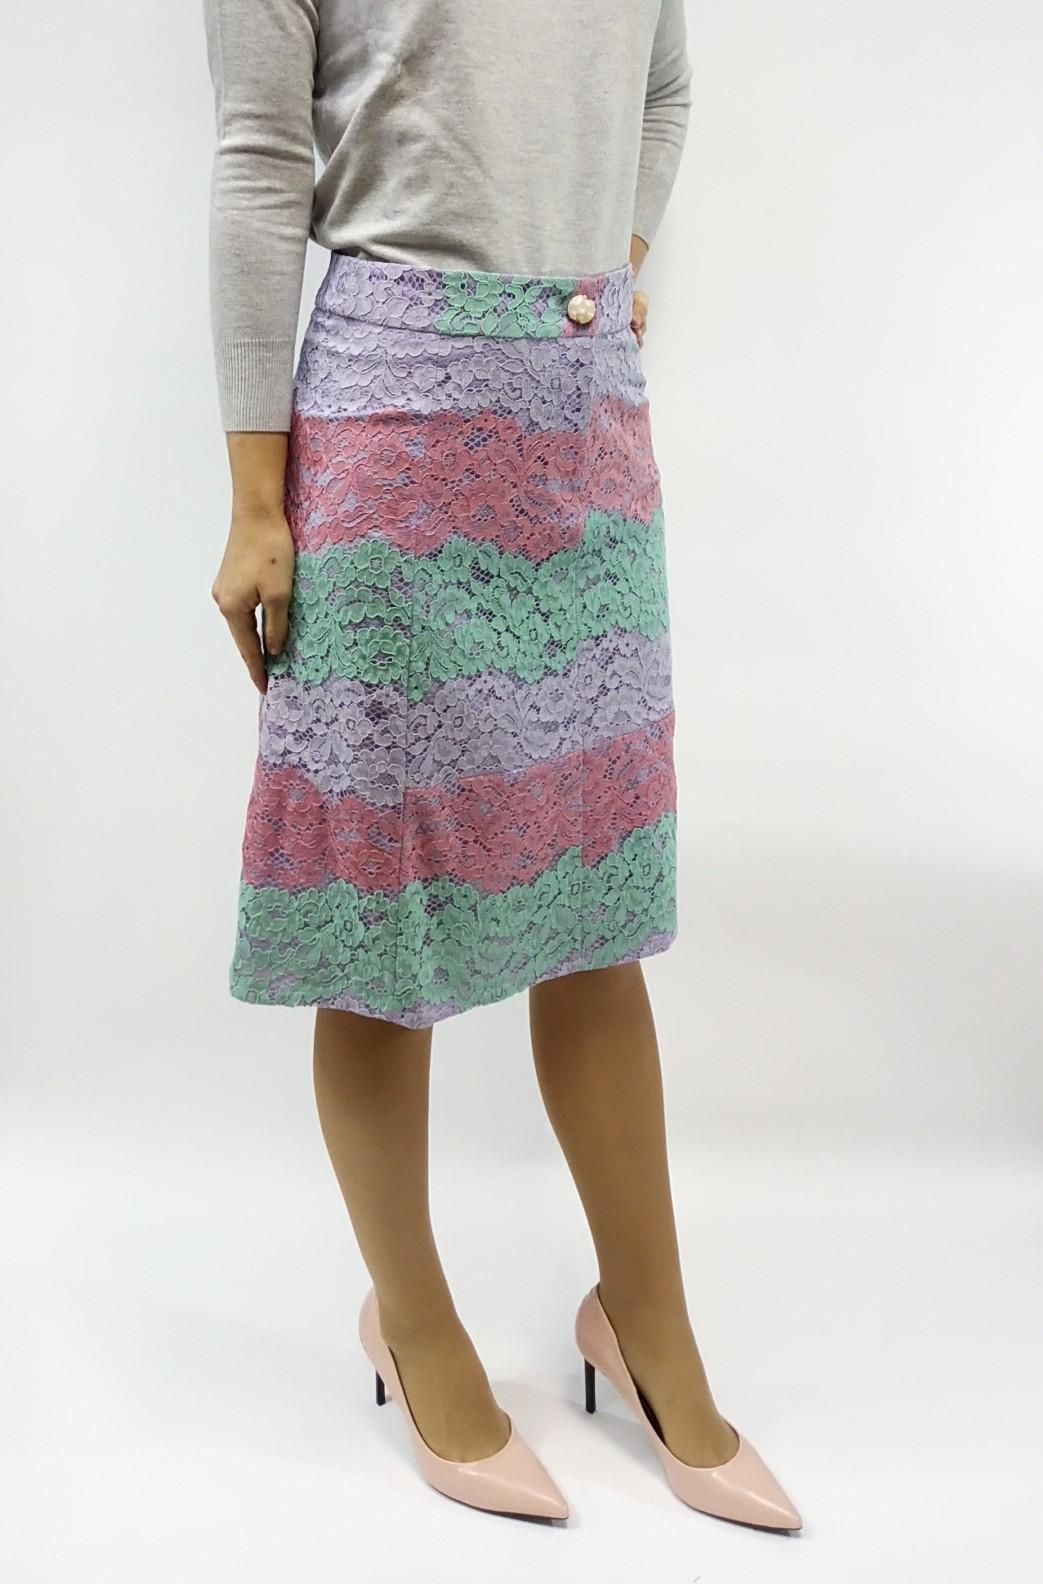 Farebná sukňa - Obrázok č. 1